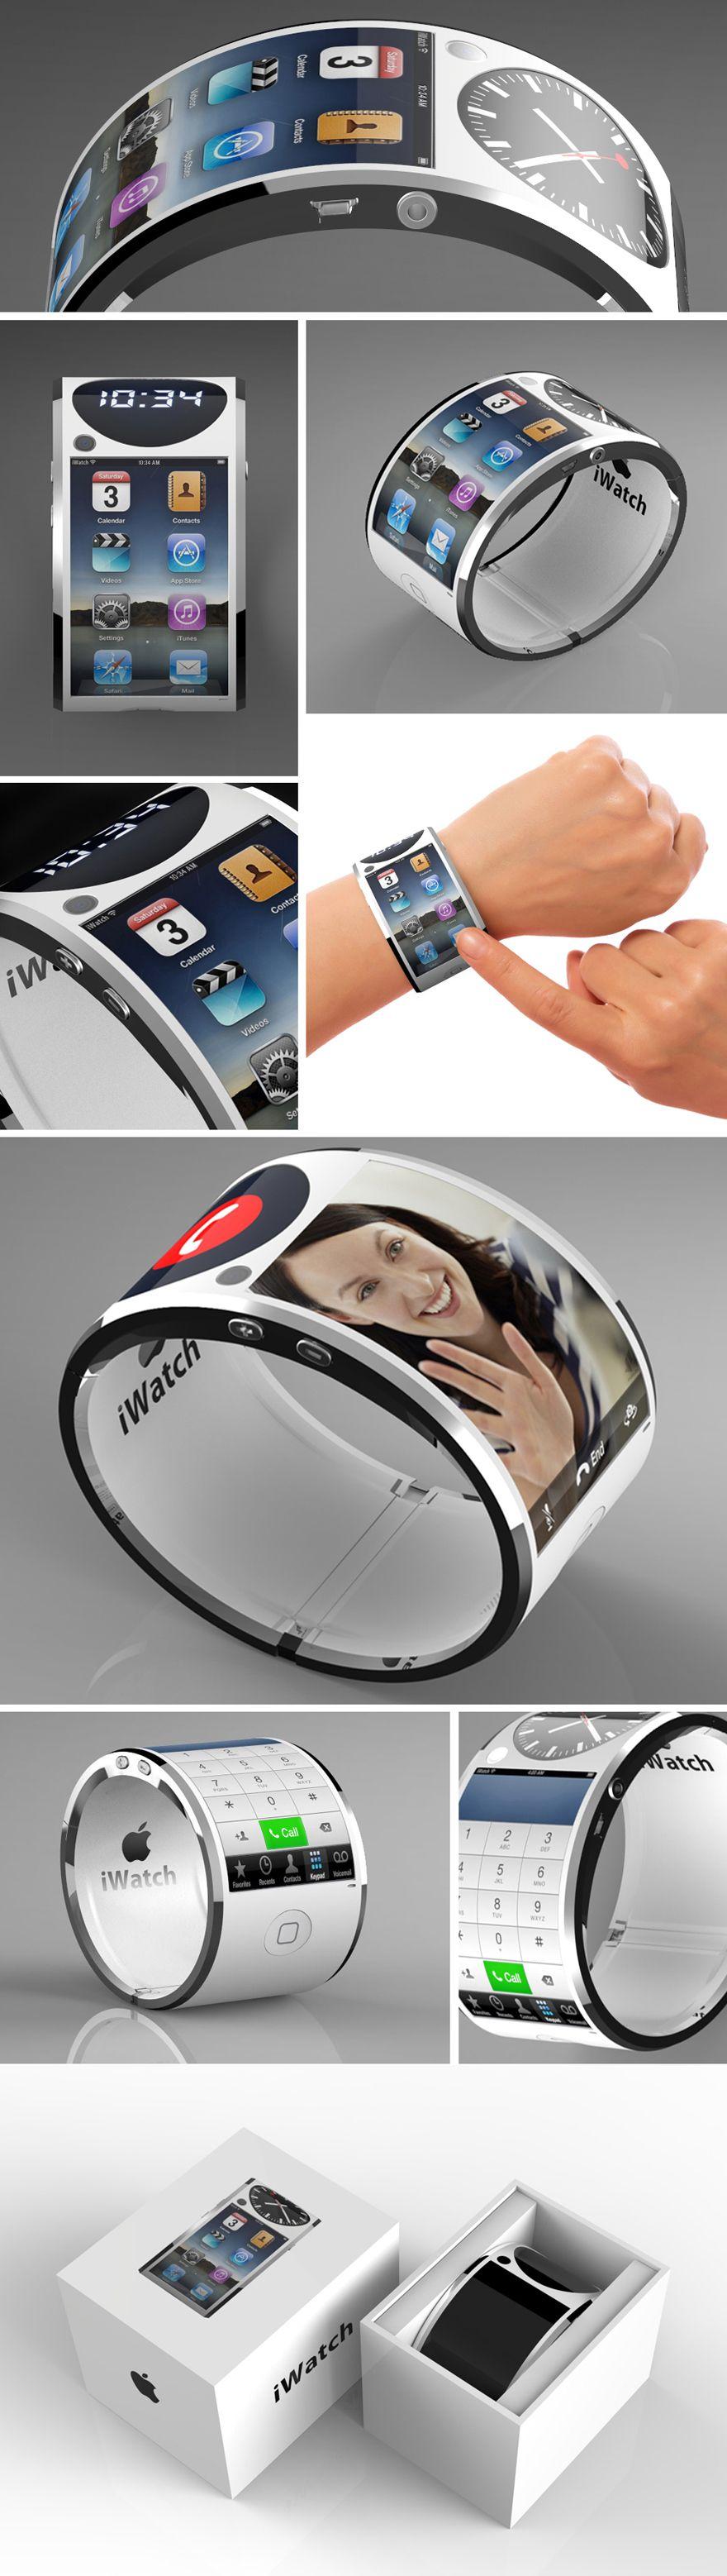 Un interesante concepto de iwatch con doble pantalla design